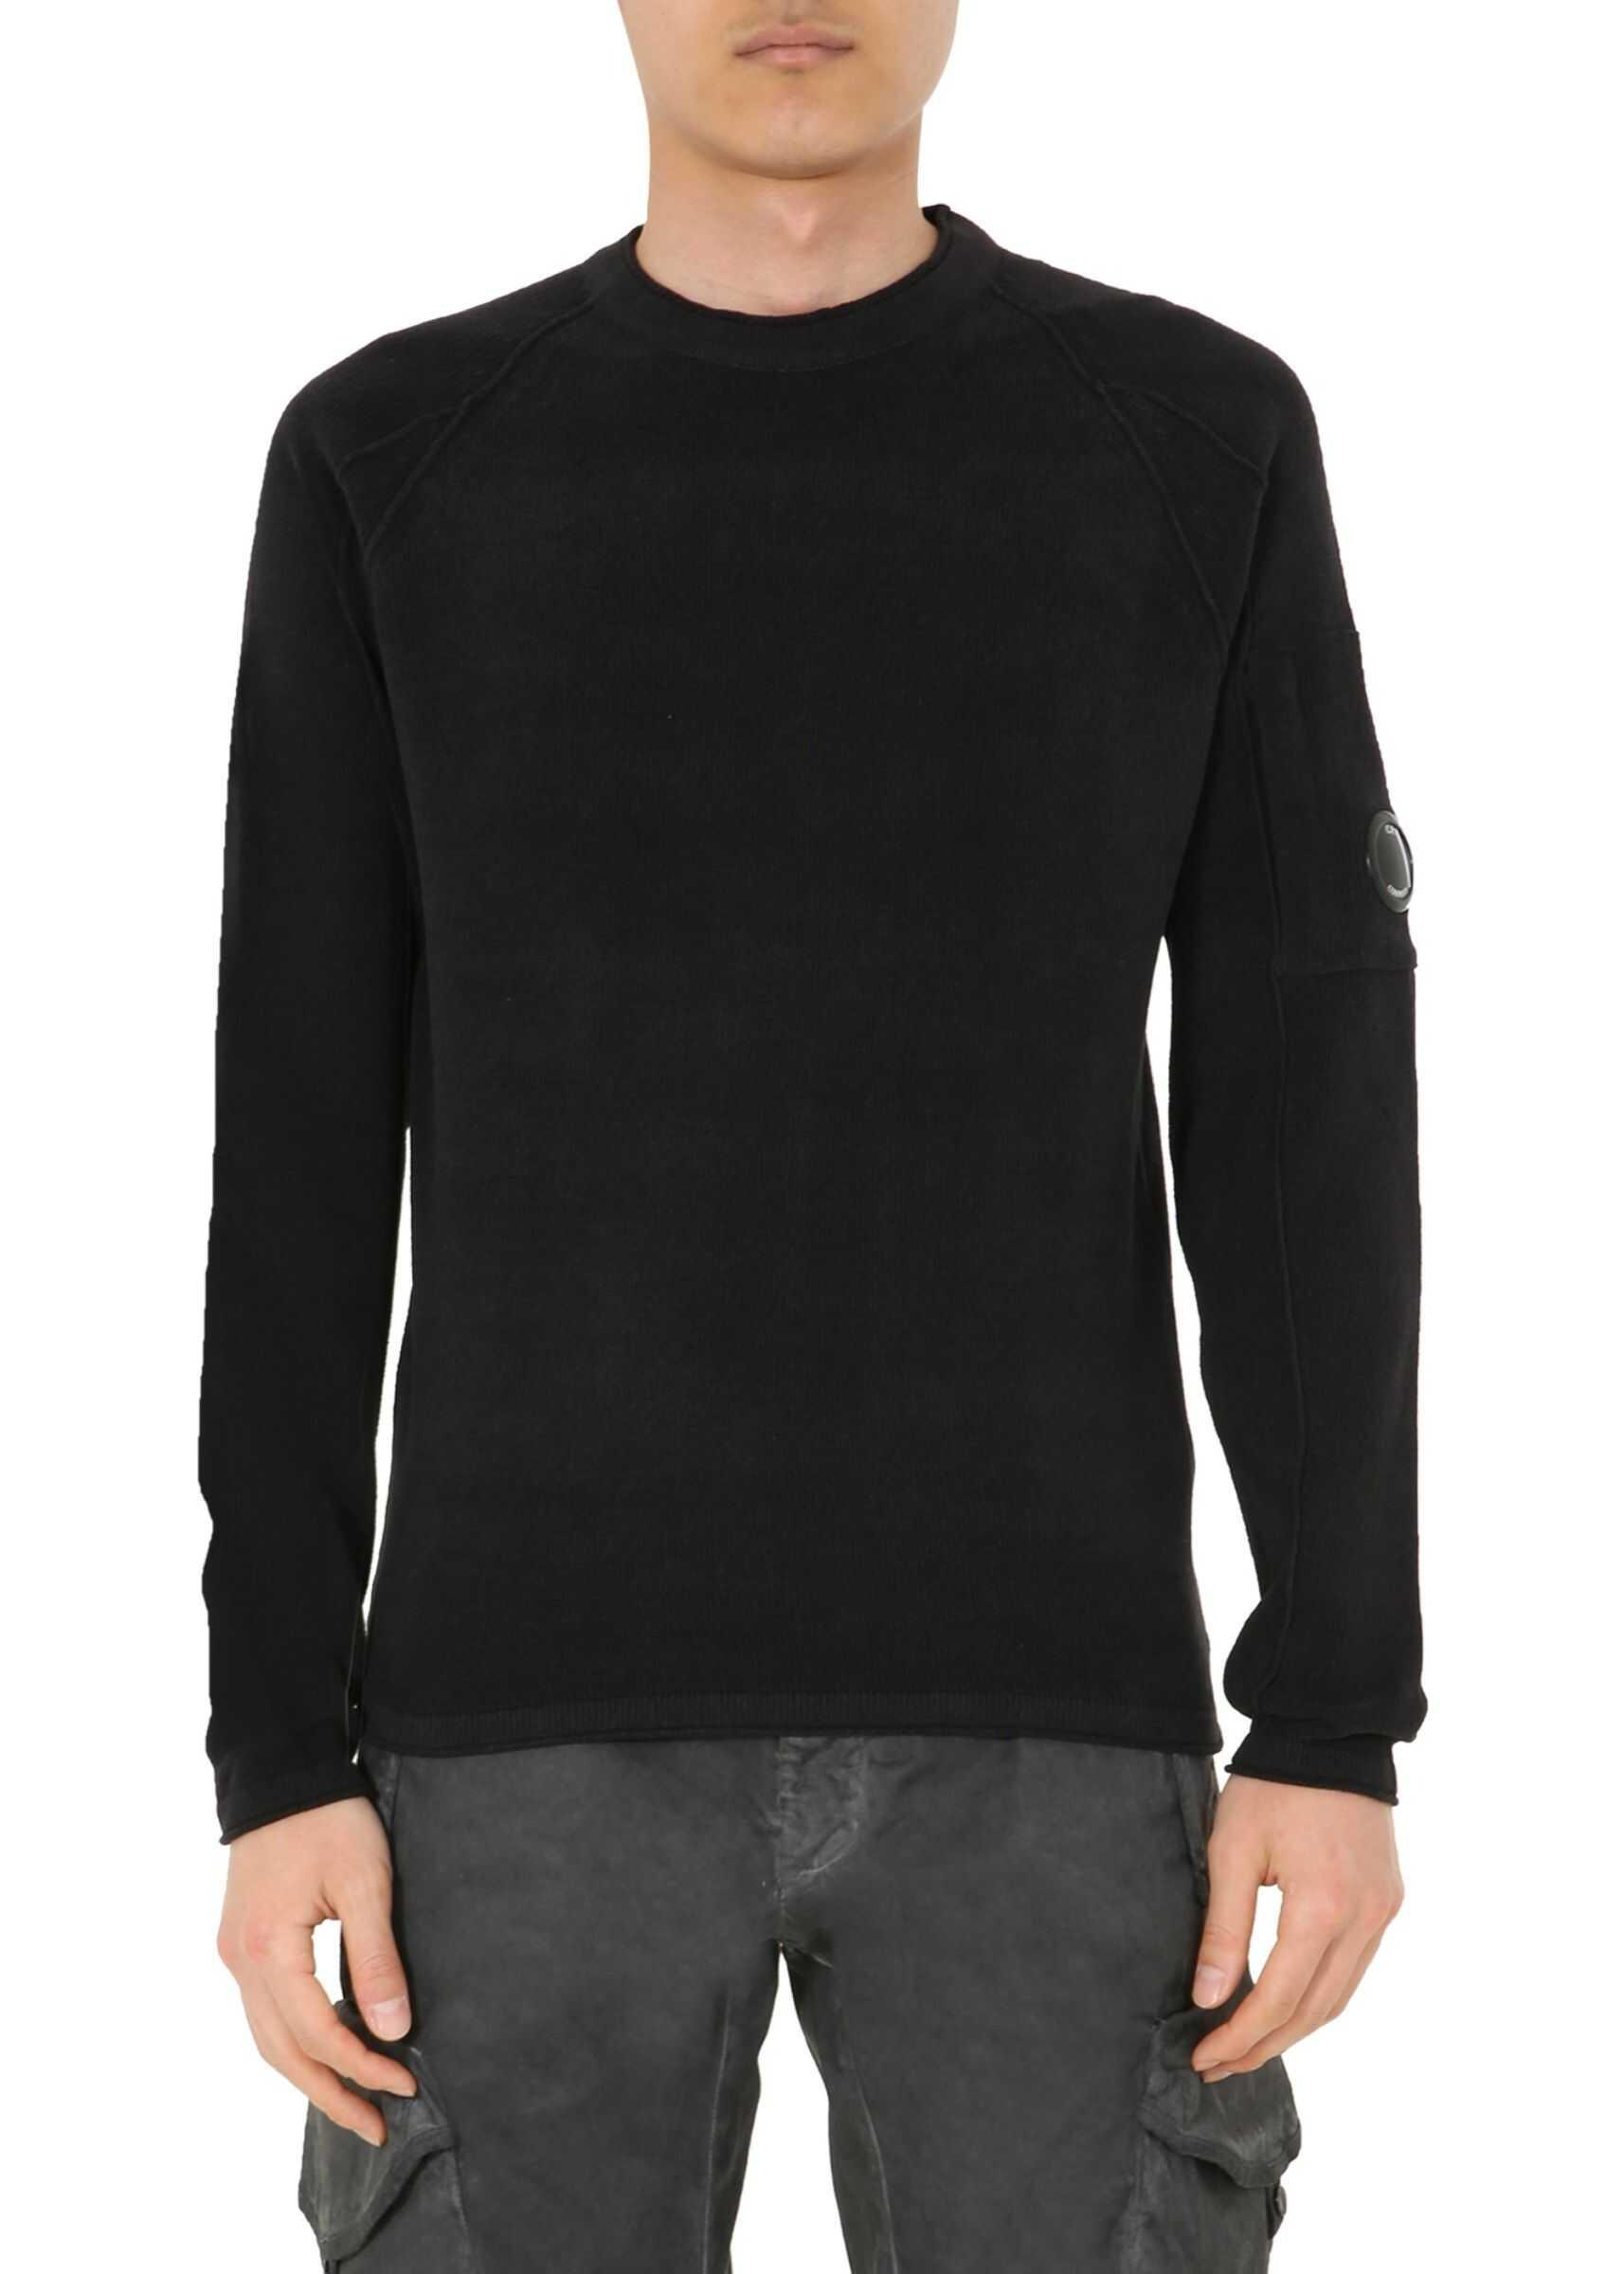 C.P. COMPANY Crew Neck Sweater BLACK